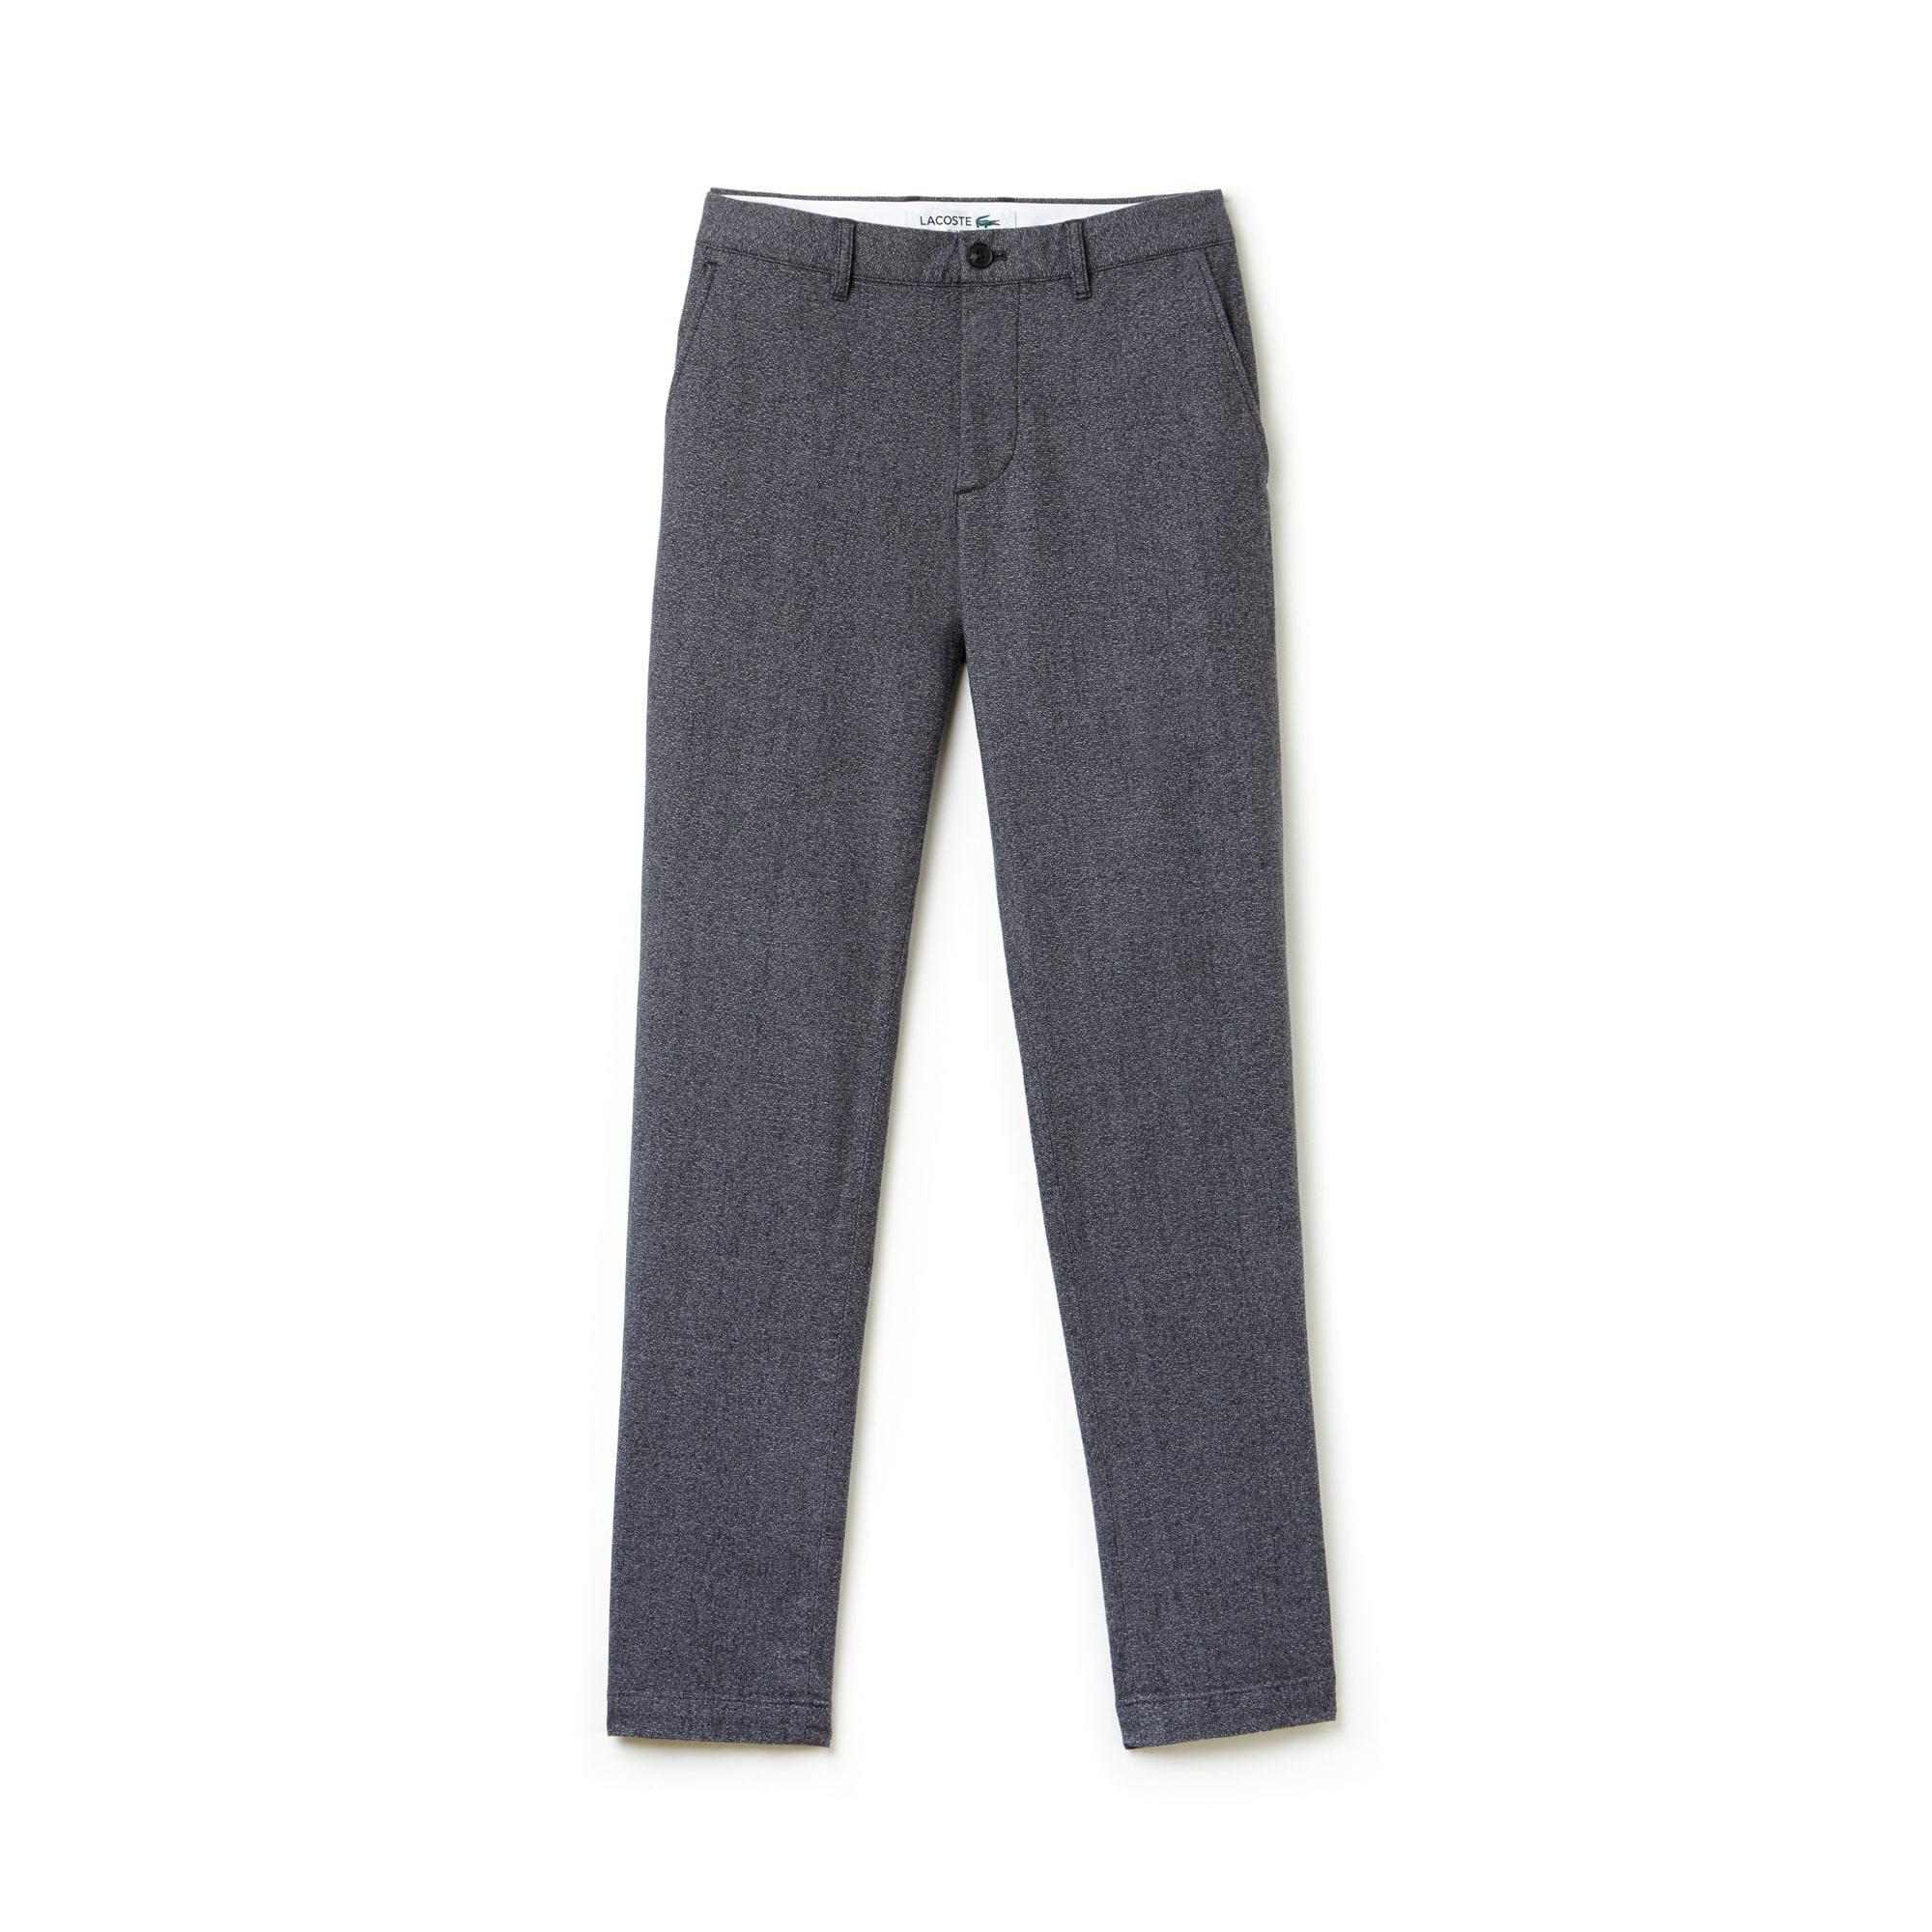 라코스테 Lacoste Mens Texturized Stretch Cotton Chino Pants,GRAPHITE GREY